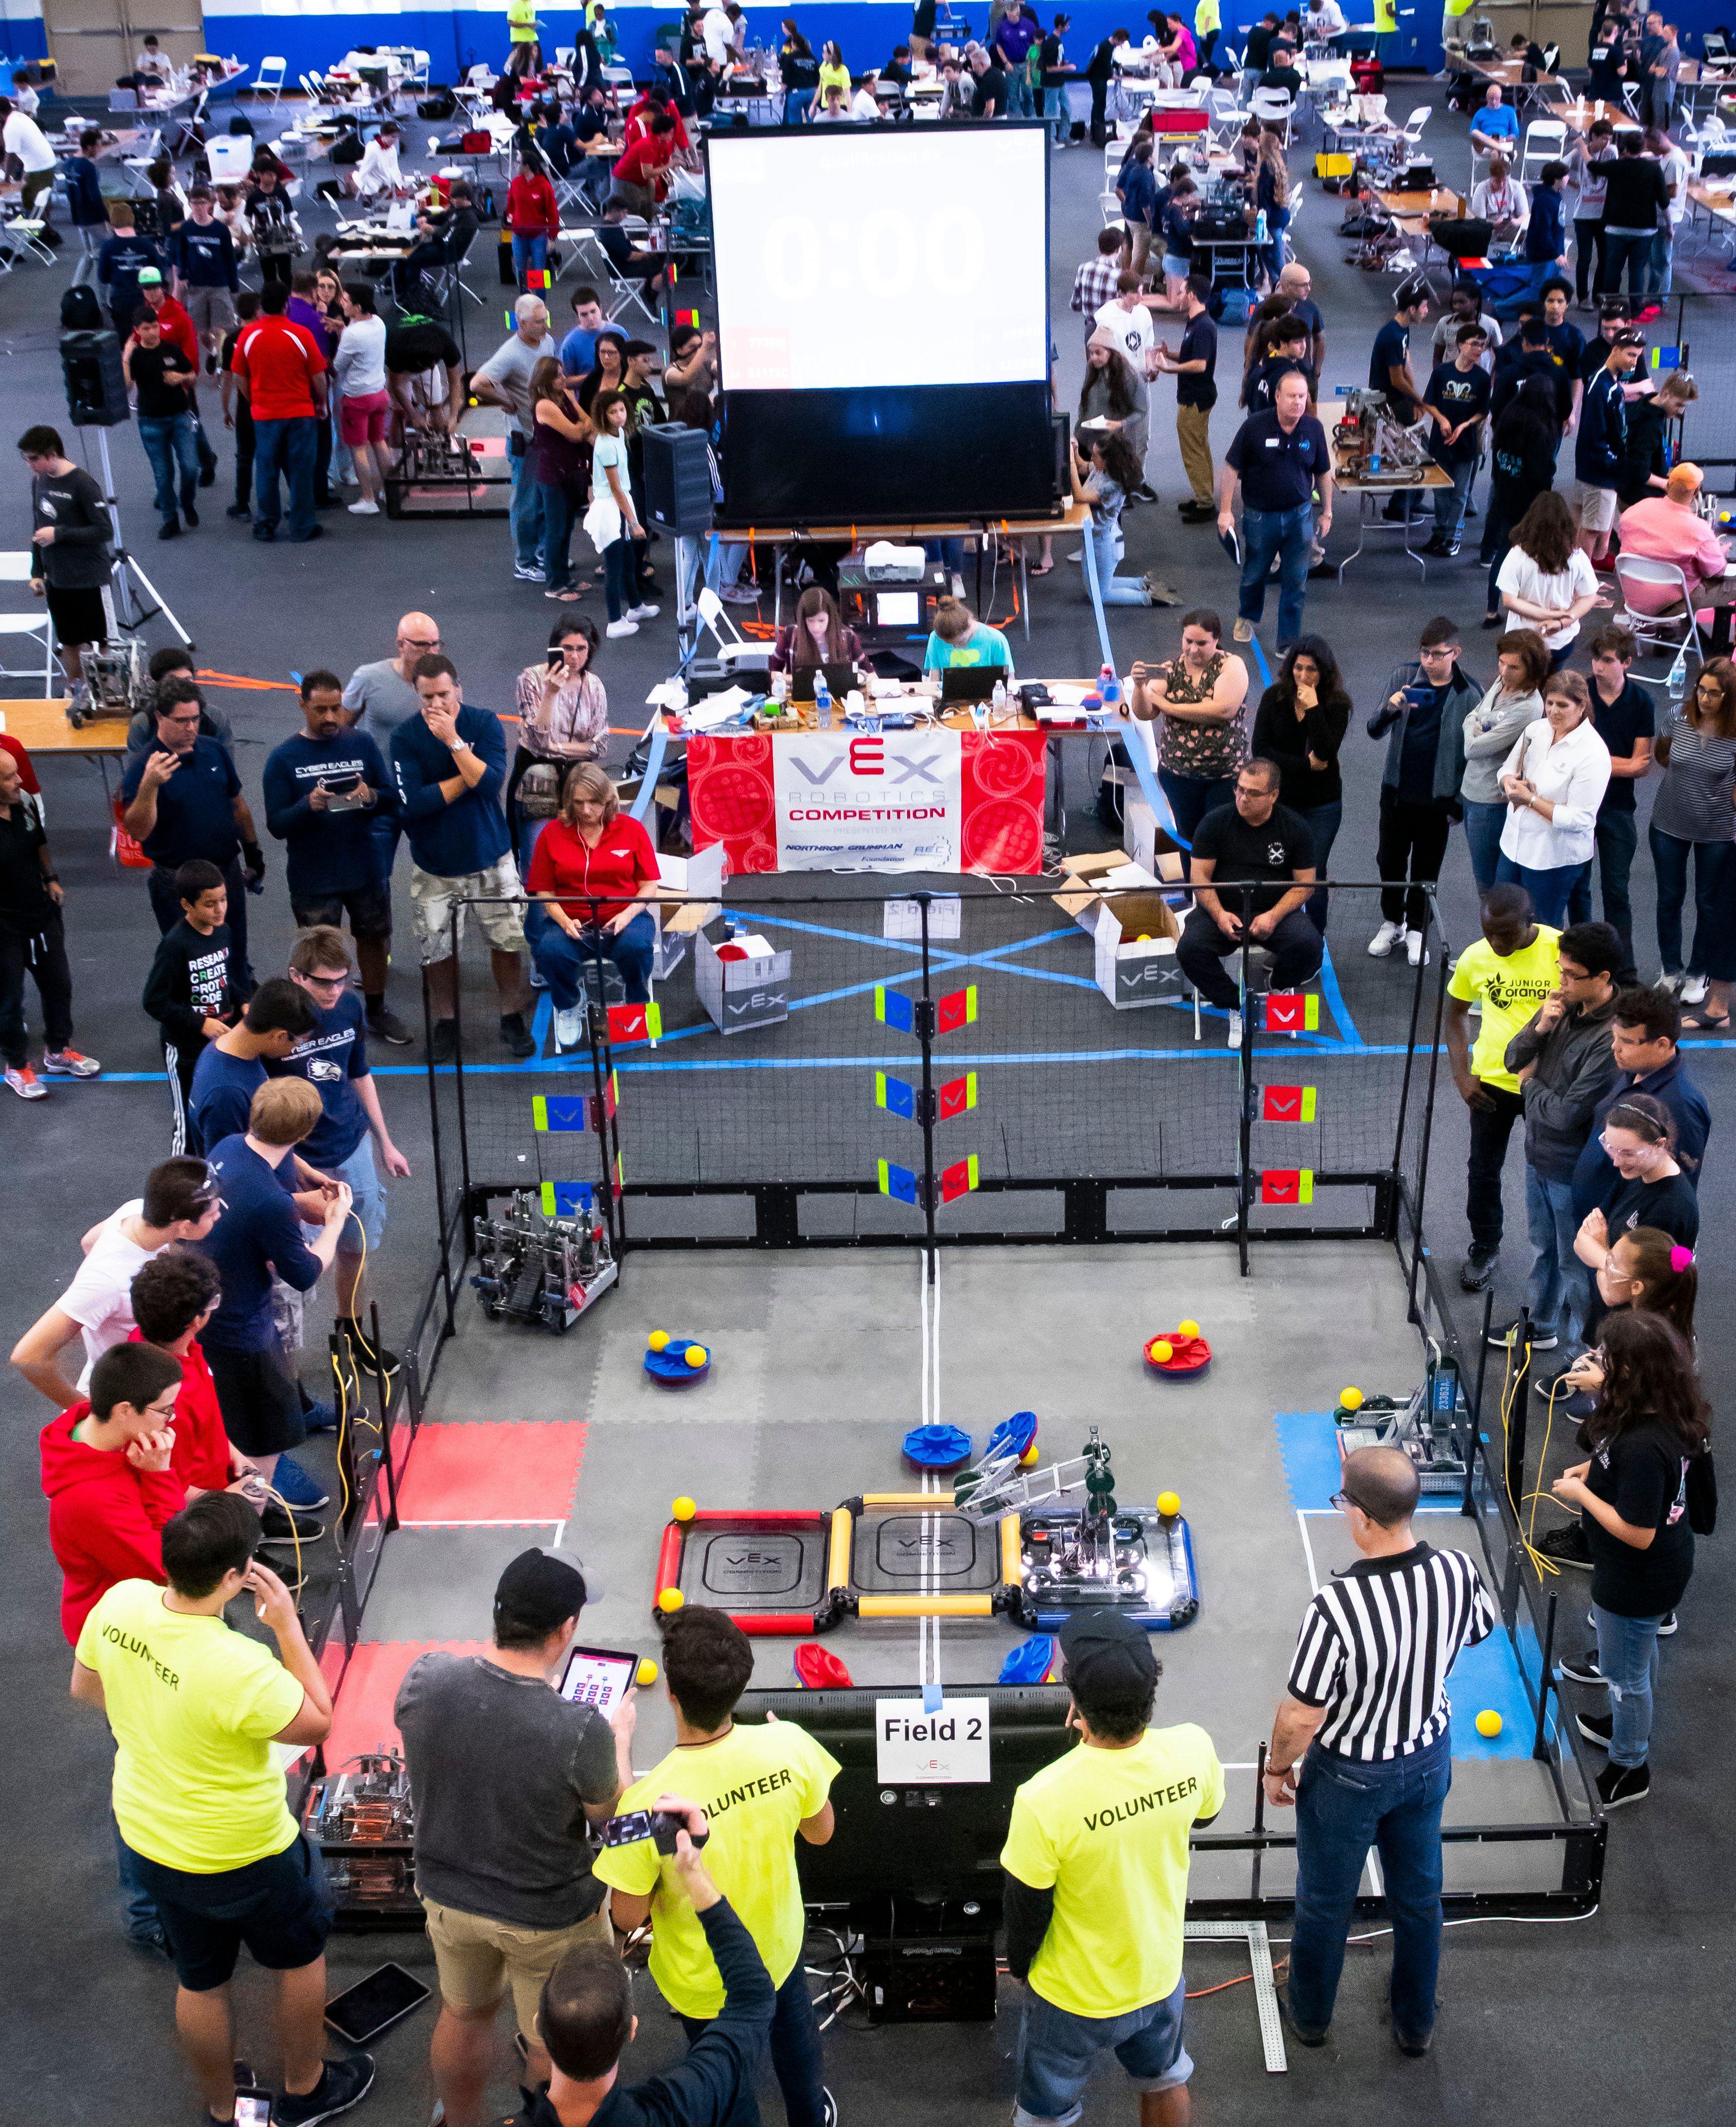 3rd Annual Junior Orange Bowl Robotics Competition